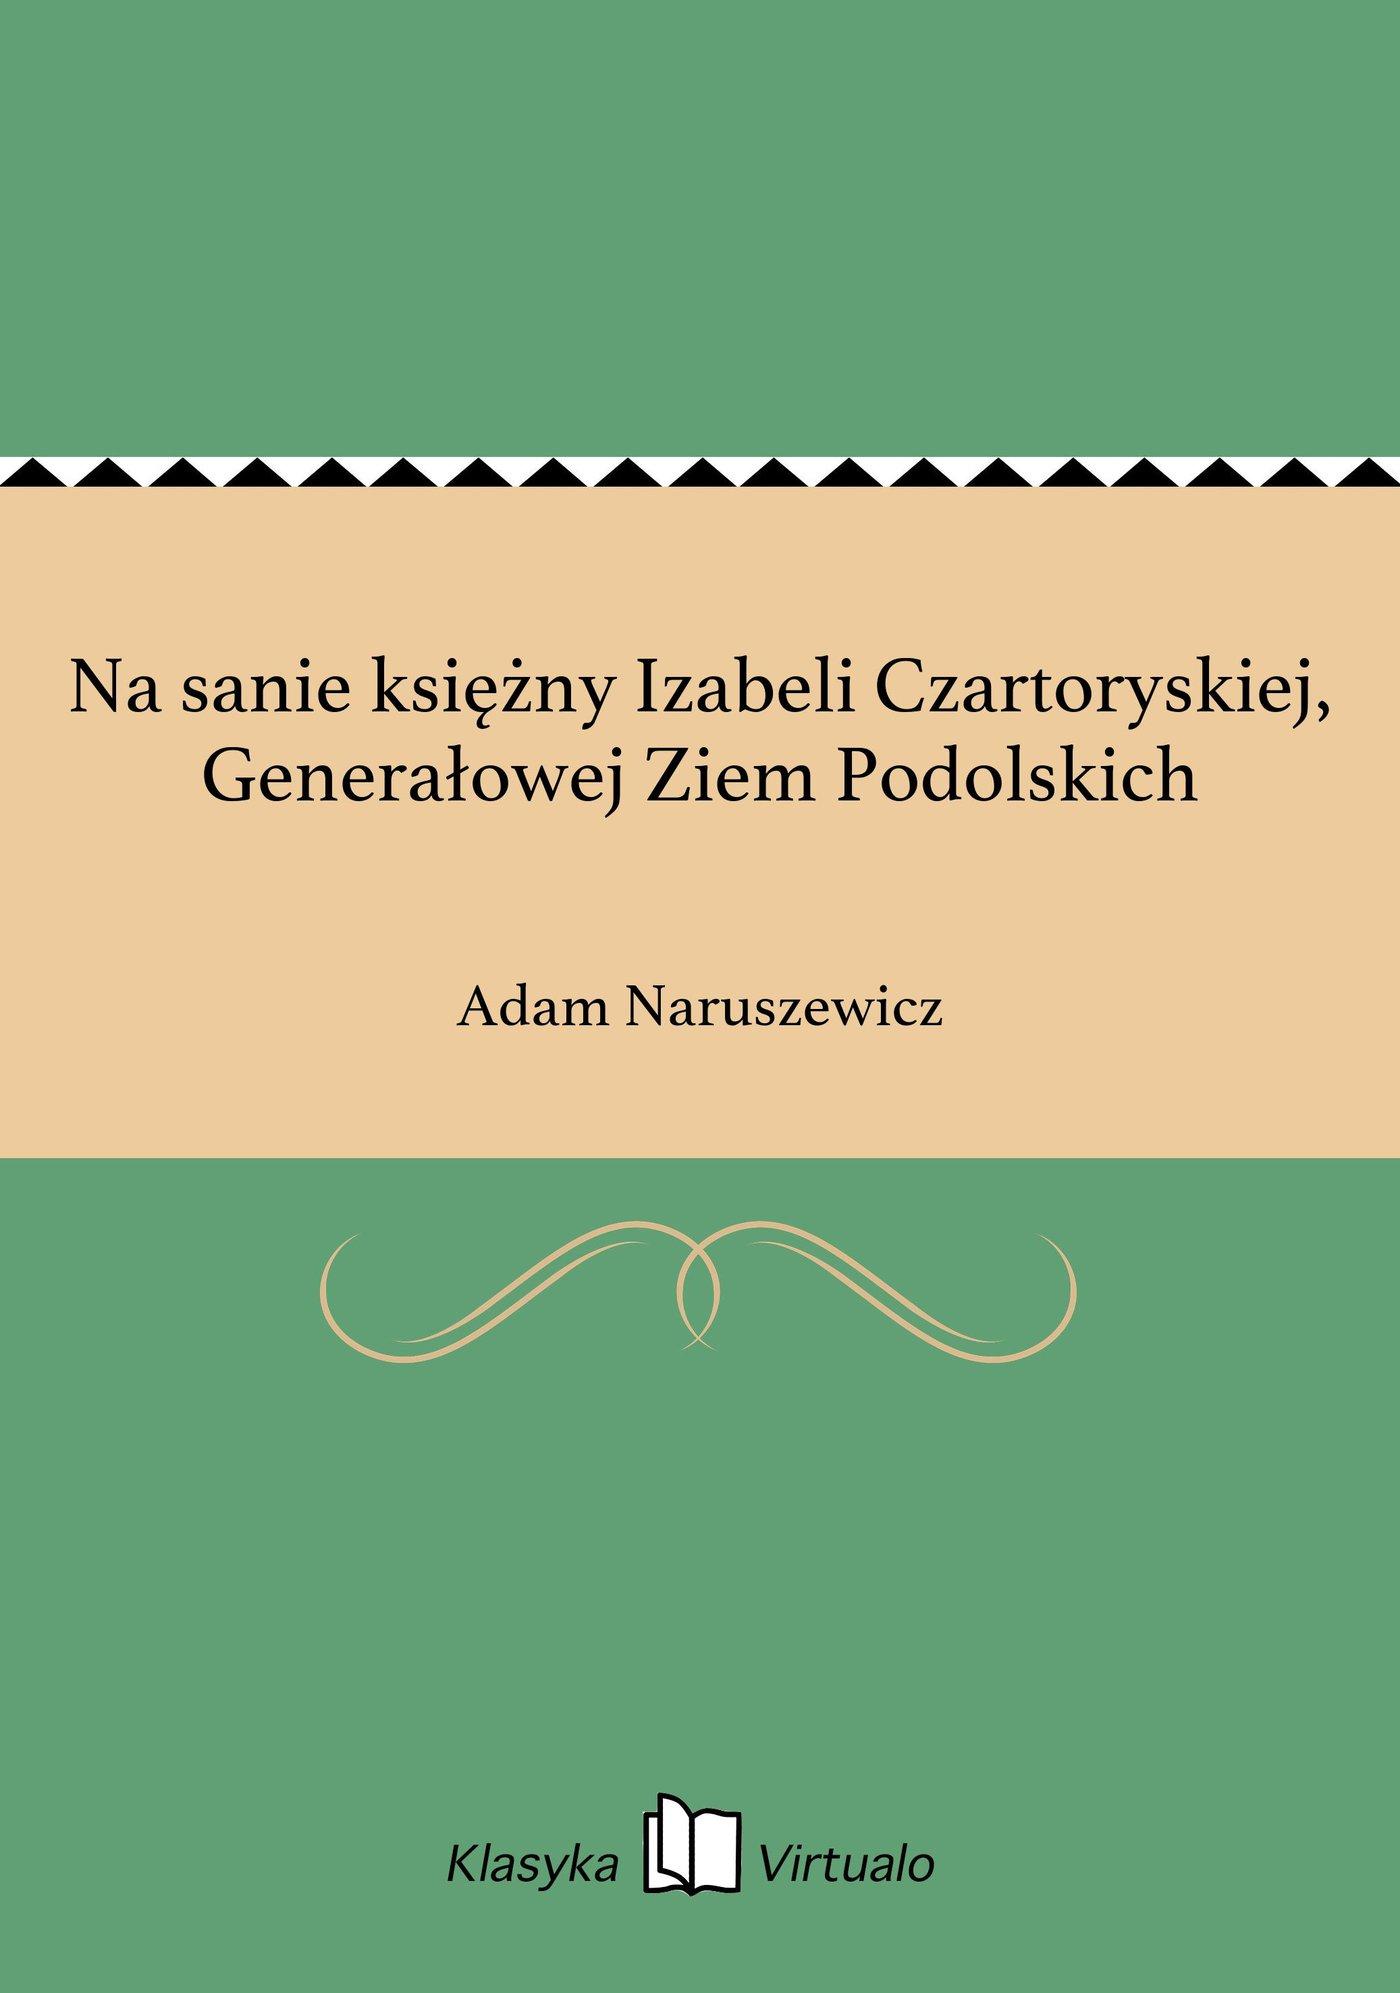 Na sanie księżny Izabeli Czartoryskiej, Generałowej Ziem Podolskich - Ebook (Książka na Kindle) do pobrania w formacie MOBI